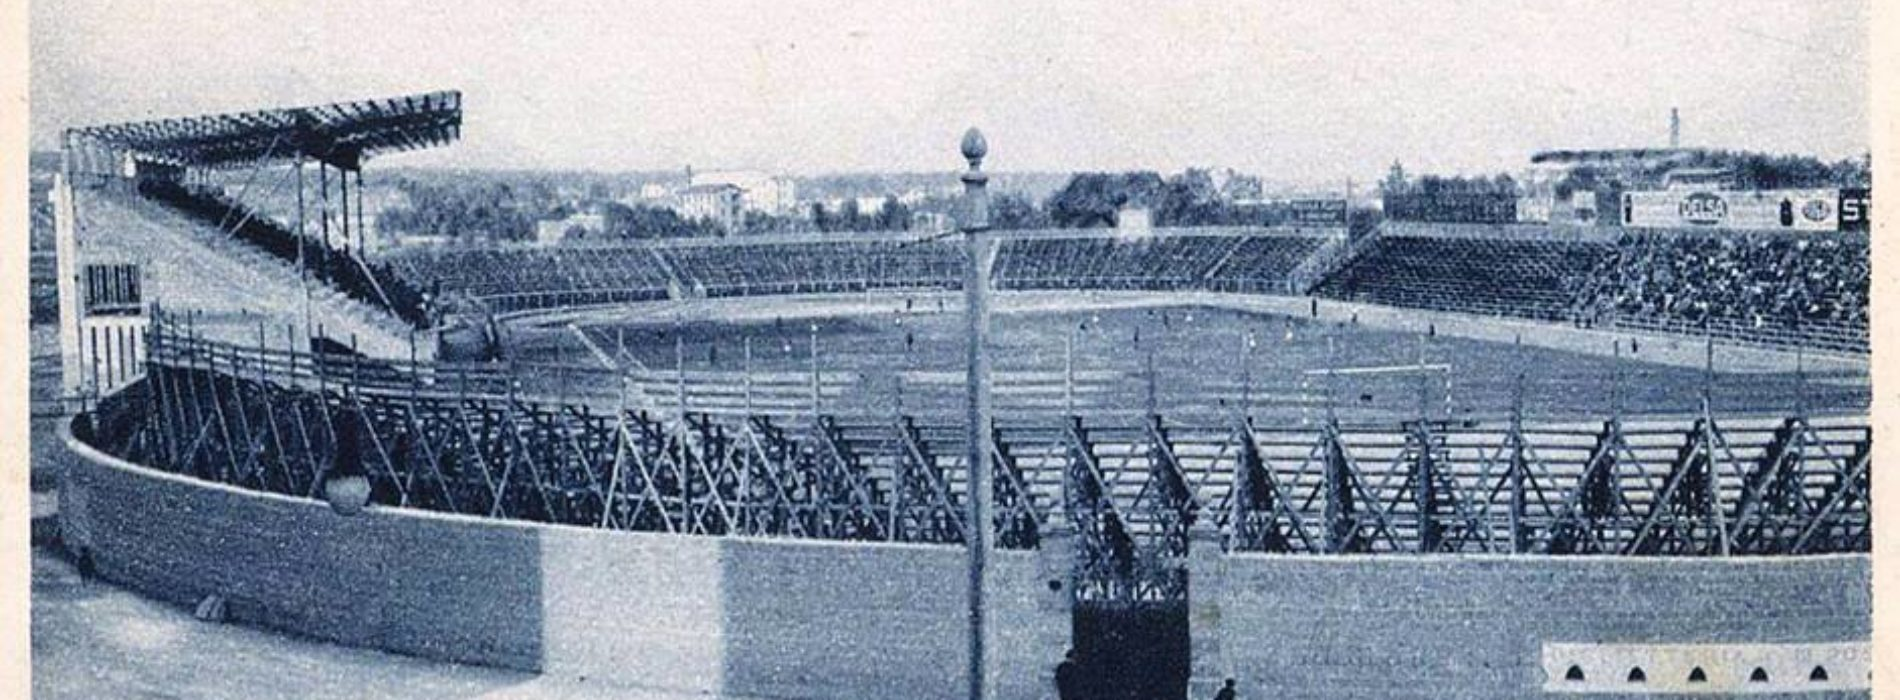 Dove giocava il Napoli prima della costruzione dello Stadio San Paolo?